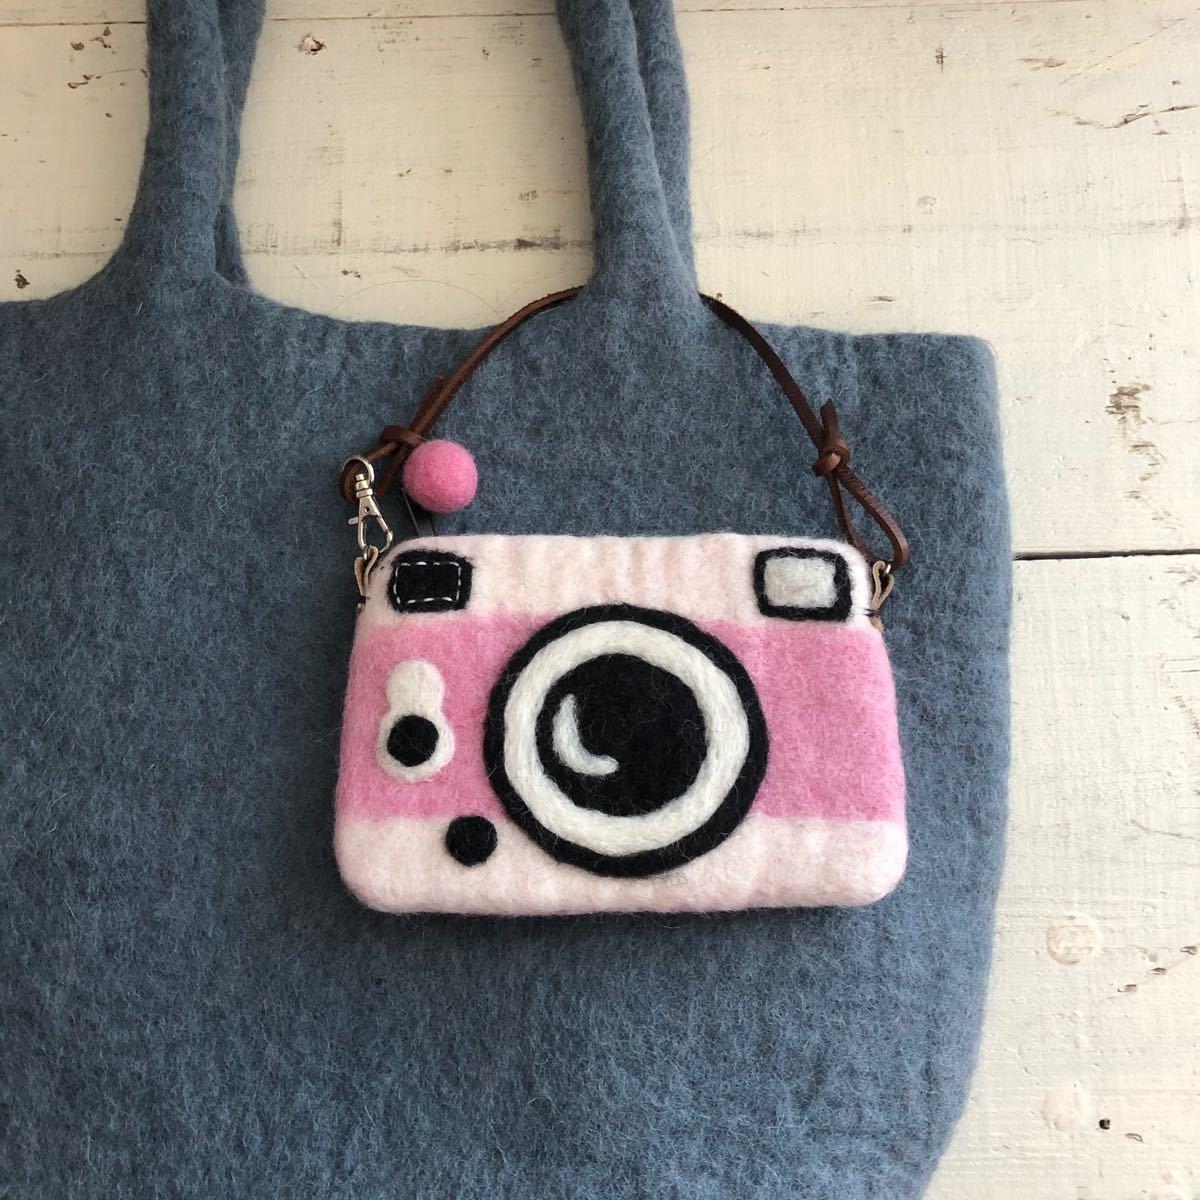 オリジナル 羊毛フエルトカメラポーチ ハンドメイド カメラ カードケース ポーチ